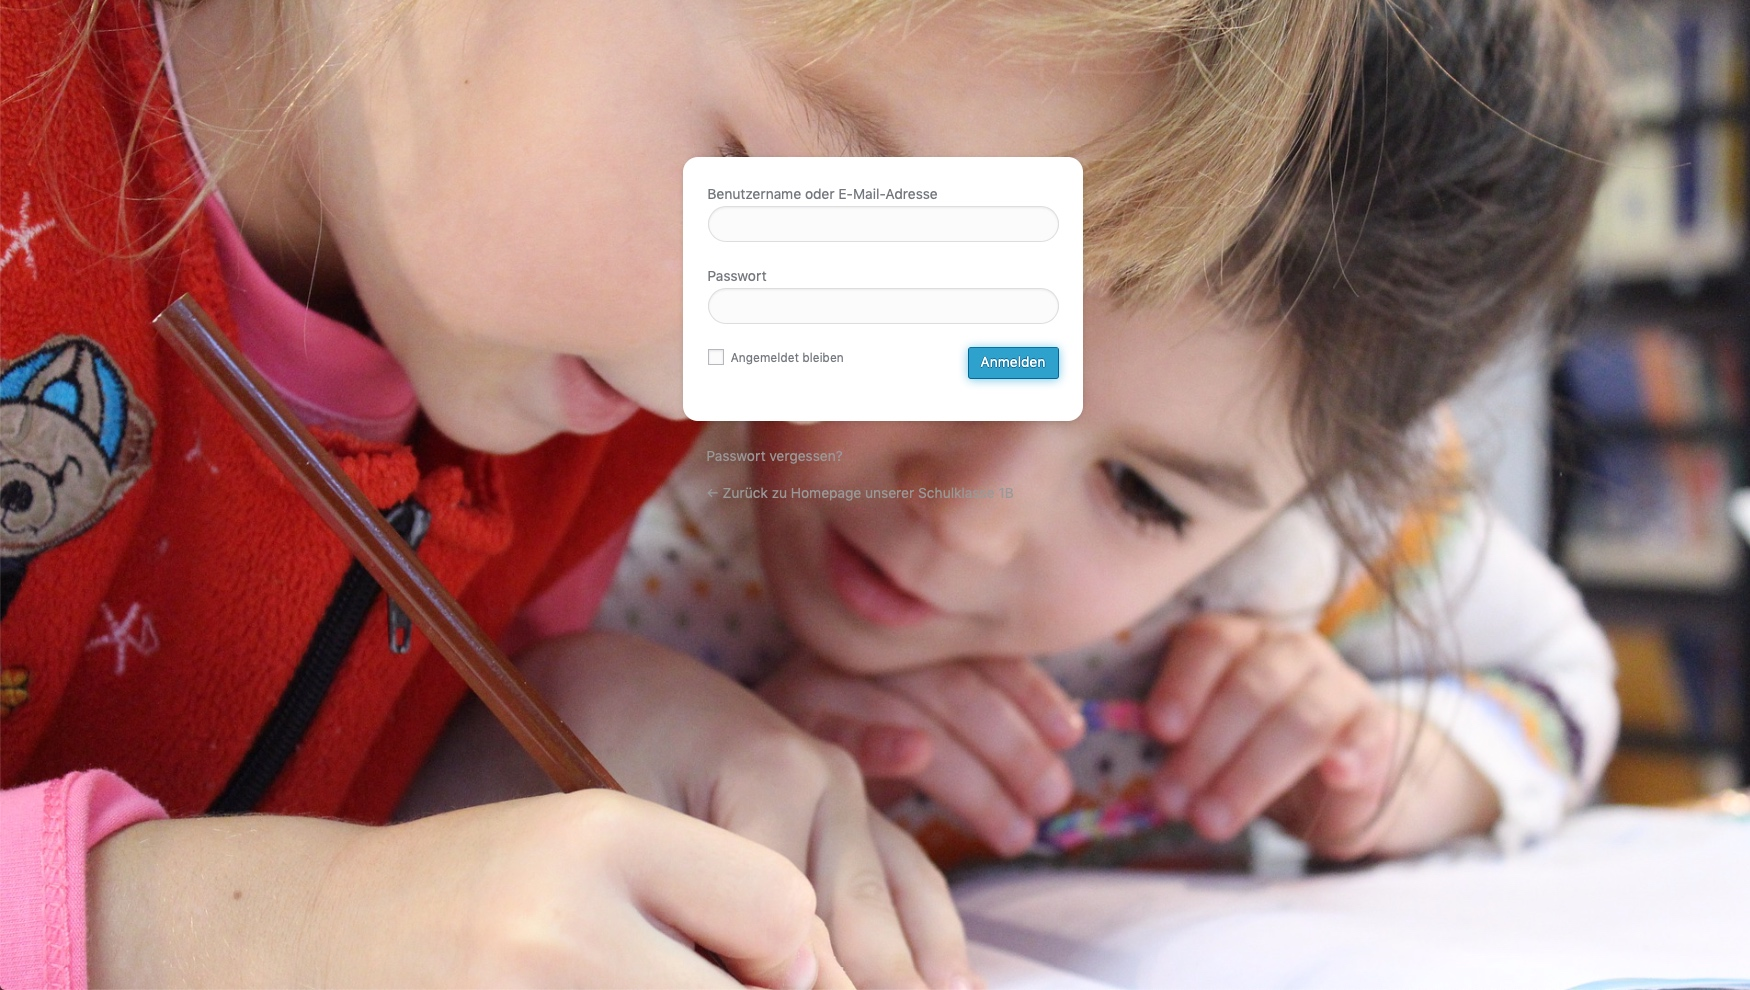 Klassenhomepage für Schulklassen - Startseite mit geschützter Login-Funktion © 2019 Web-Kreativ WordPress Webdesign Manufaktur